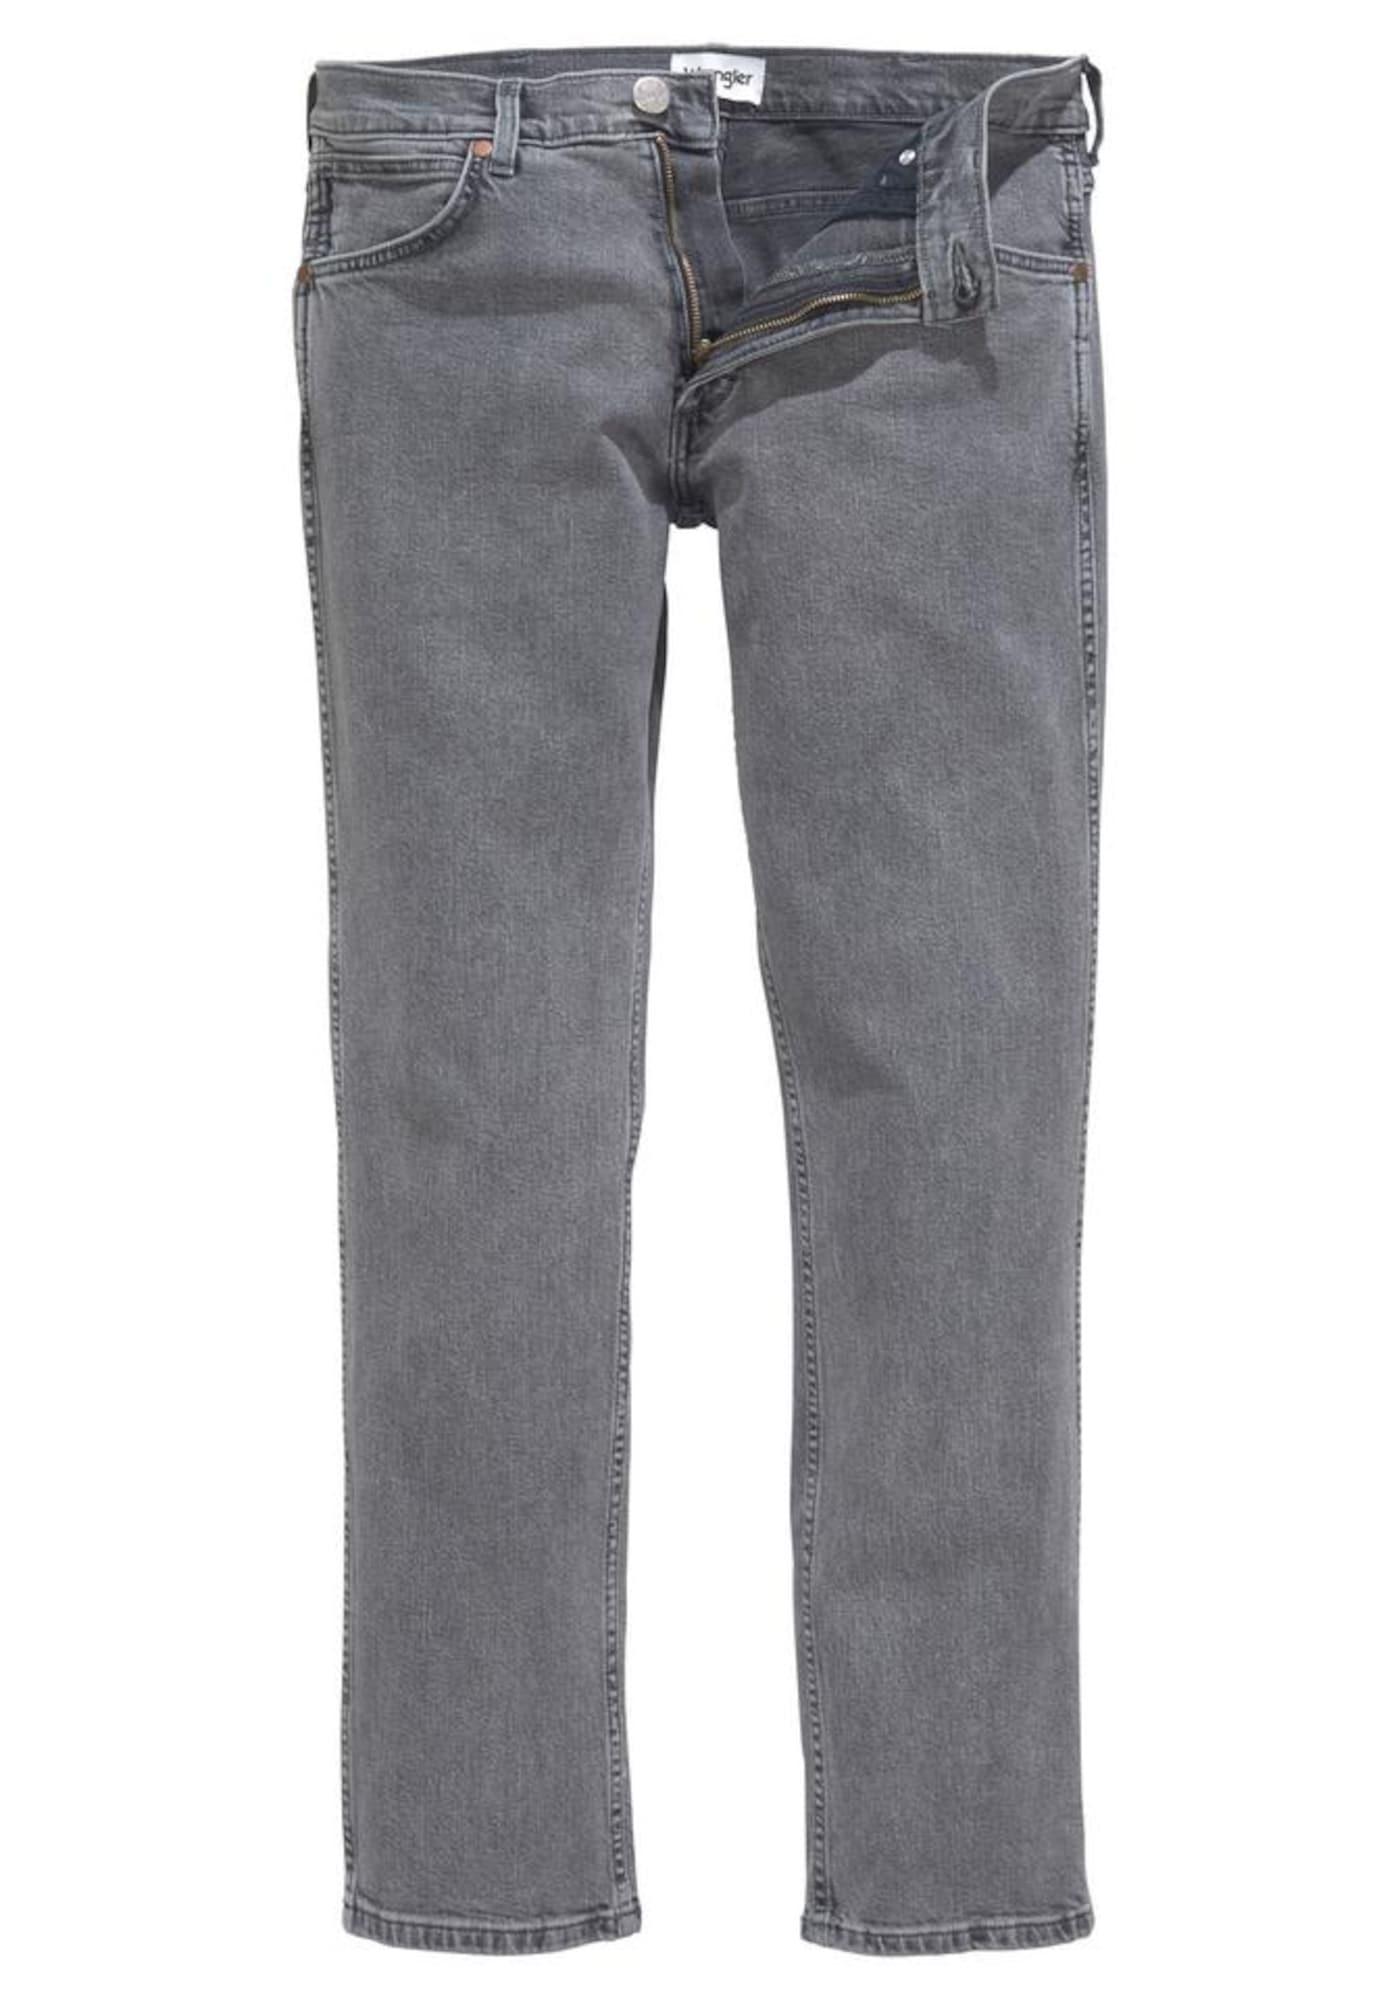 WRANGLER Heren Jeans Larston grijs